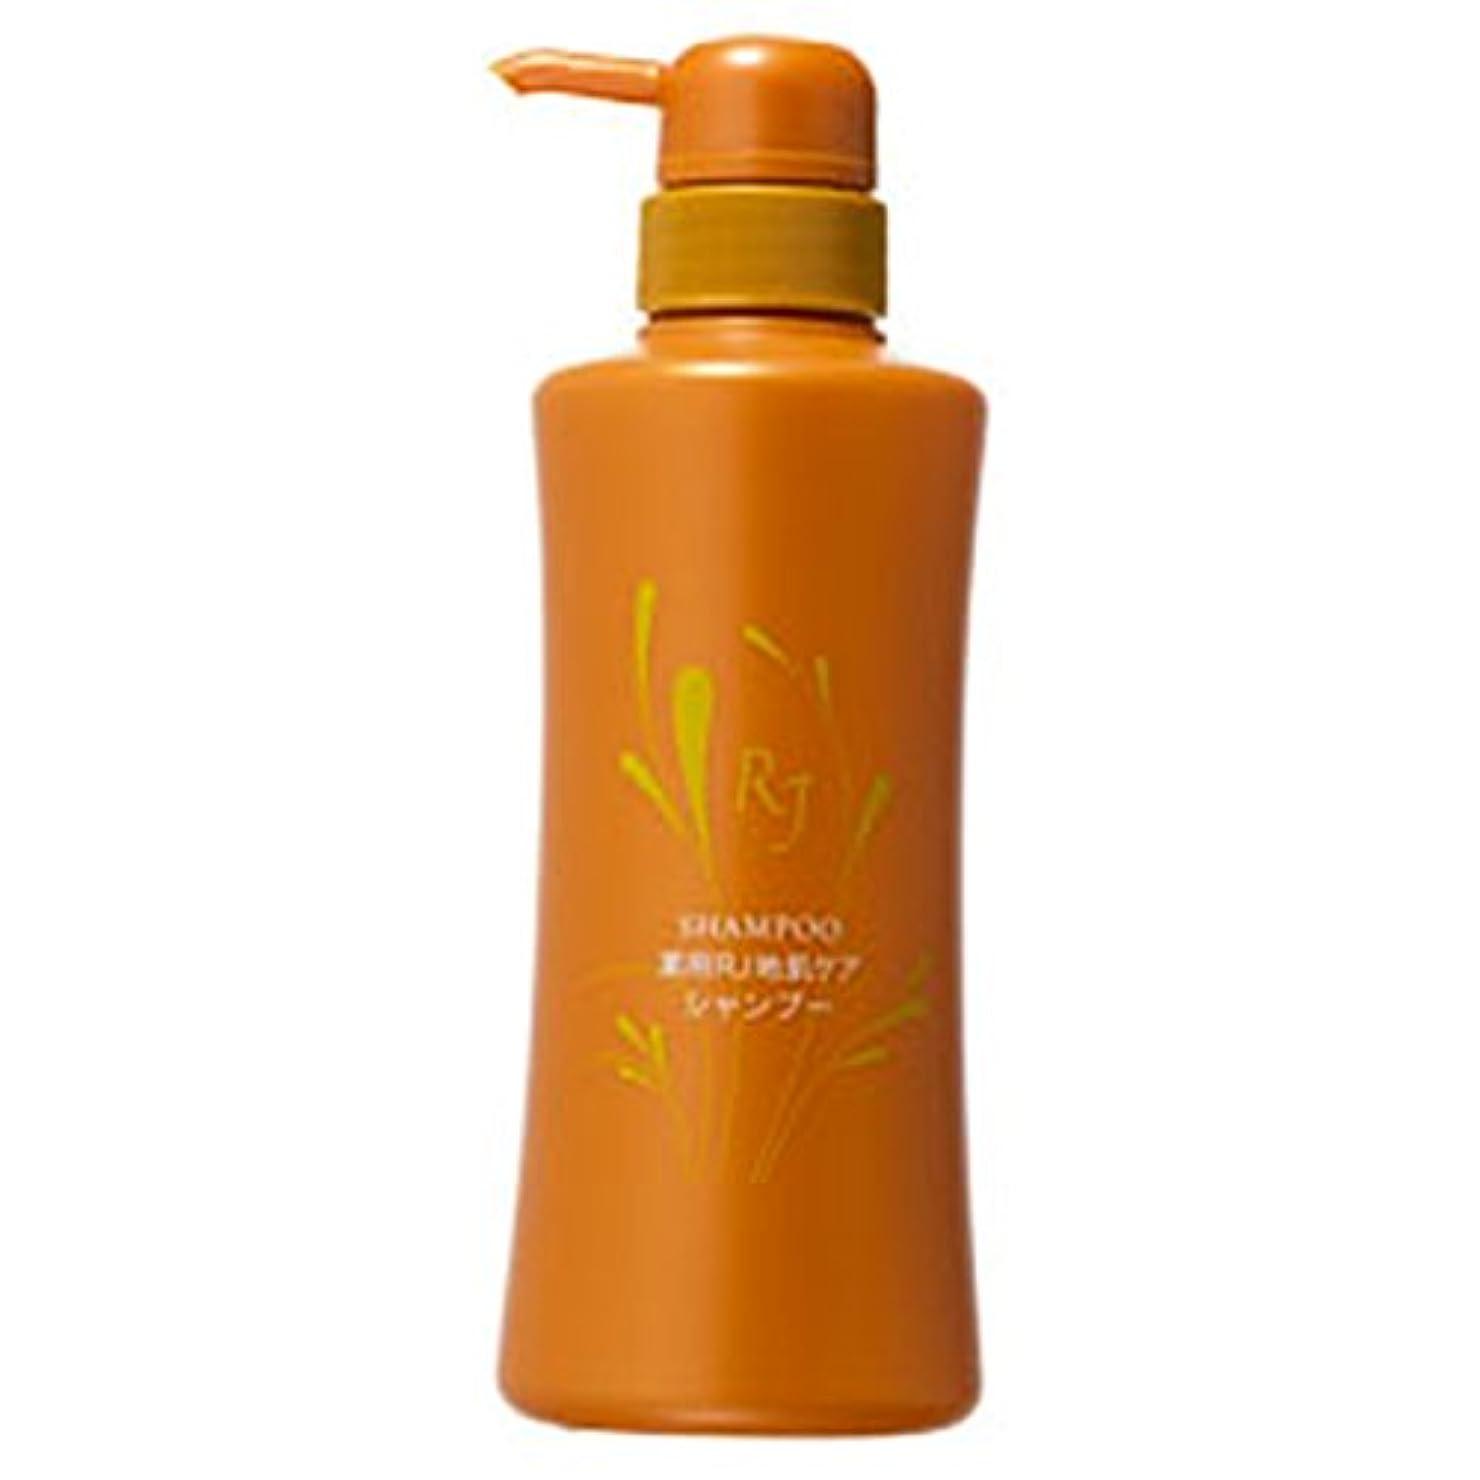 ひどく望まない甲虫薬用RJ地肌(頭皮) ケア シャンプー 医薬部外品 400ml/ RJ Scalp Care Shampoo <400ml>, medicinal